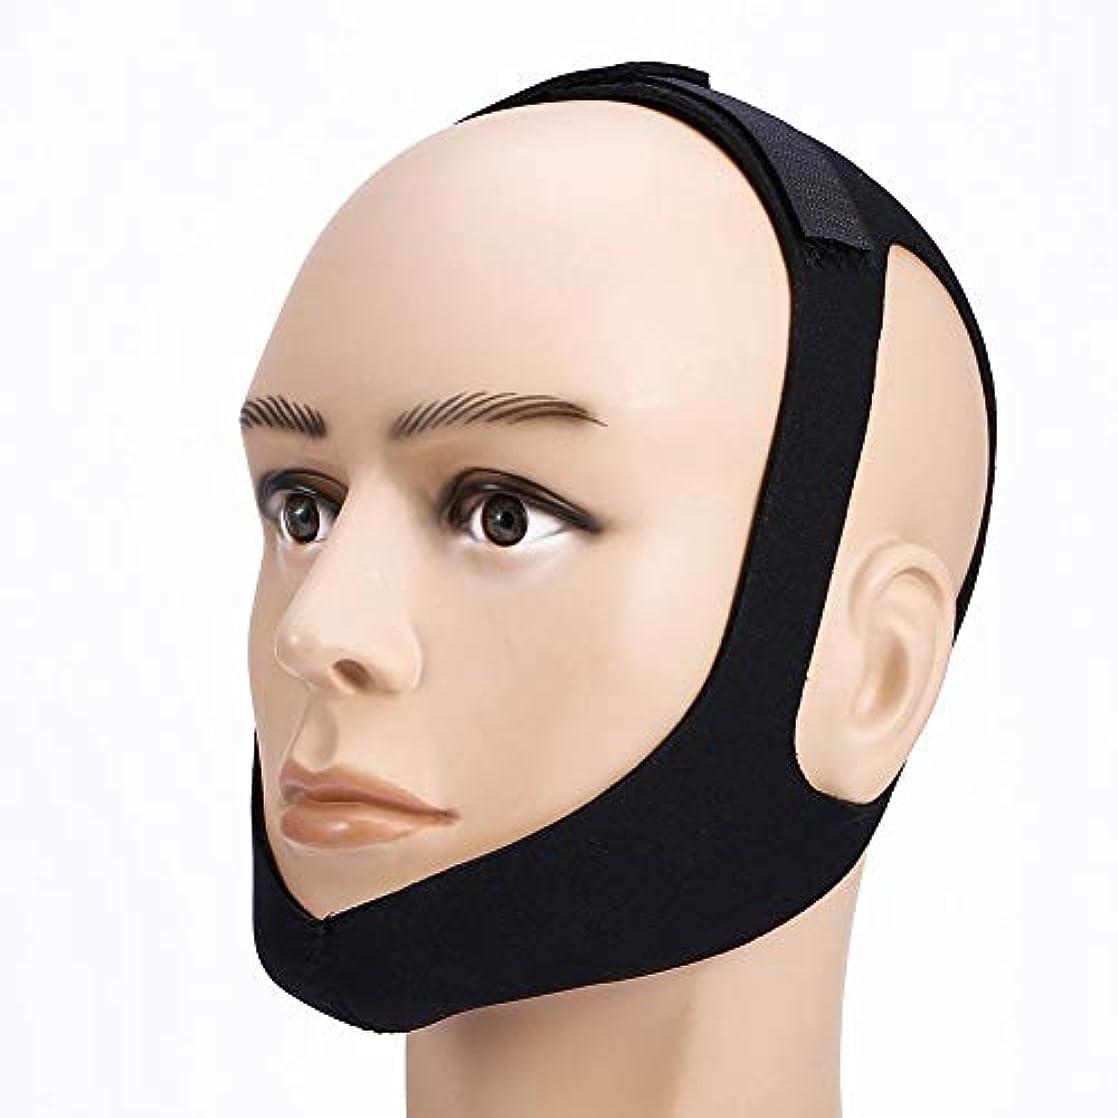 ウェイトレス定常論争の的注意睡眠時無呼吸顎あごサポートストラップベルトいびき防止ヘッドバンドいびきベルト止めいびき防止マスク女性用男性寝具